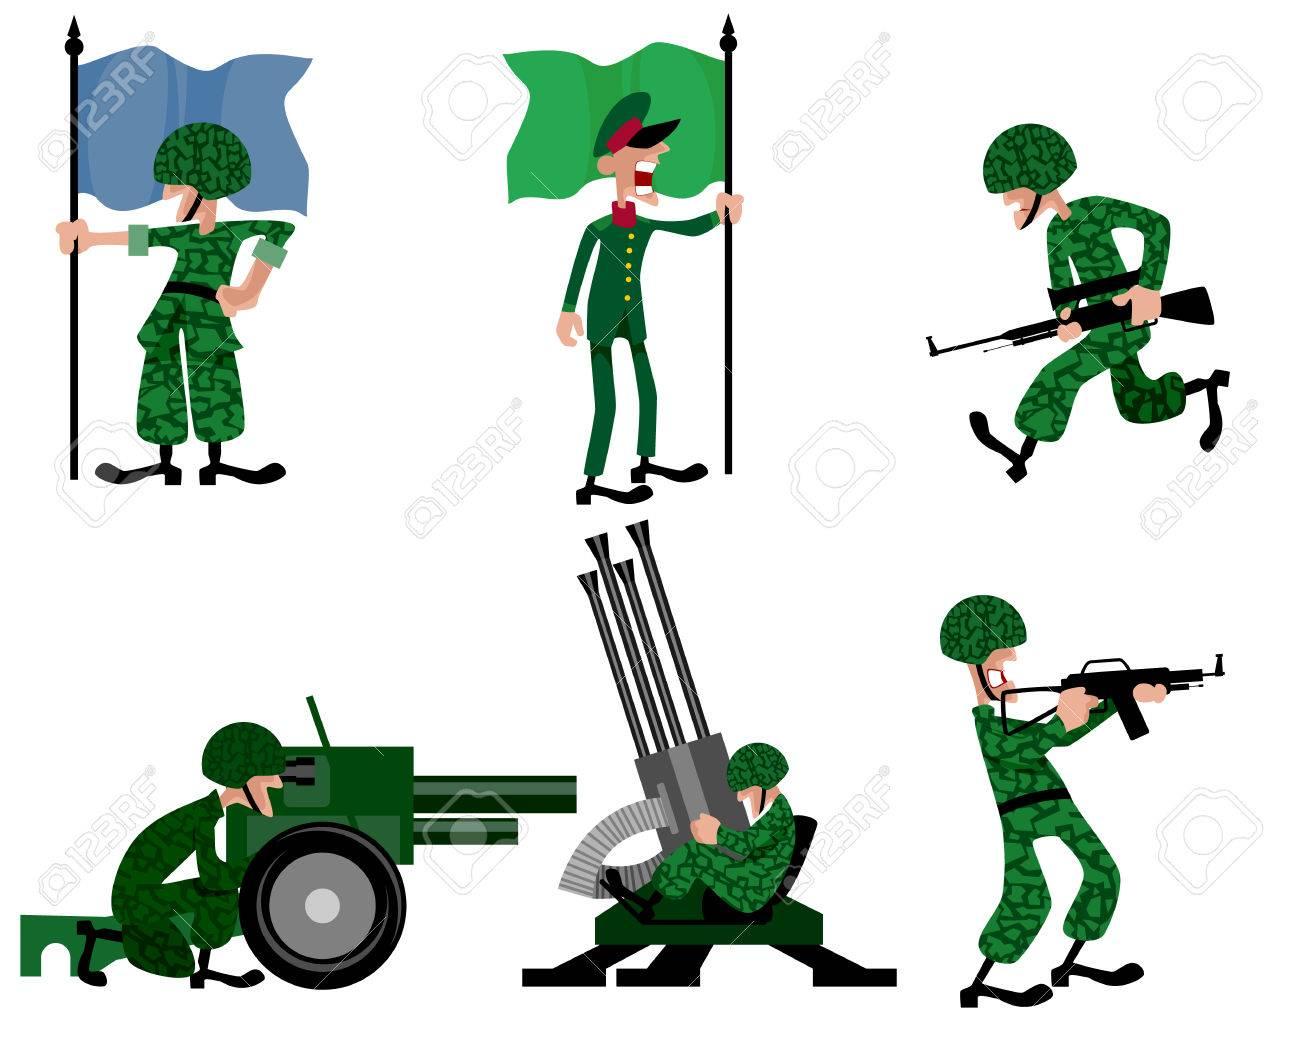 6 人の兵士セットのベクトル イラストのイラスト素材ベクタ Image